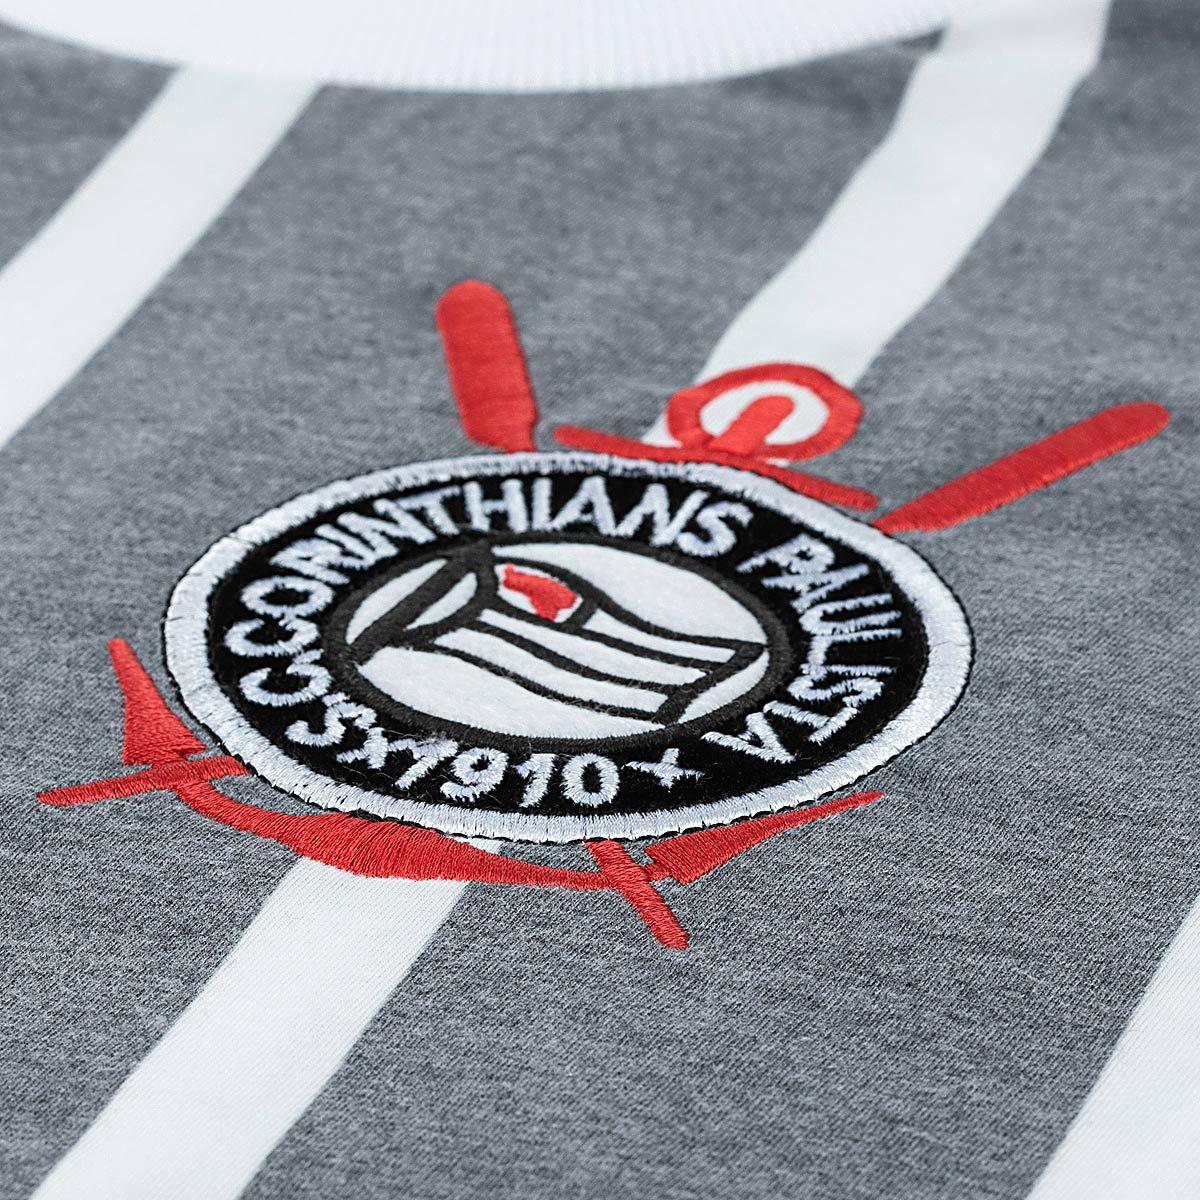 Camisa Retrô Corinthians Réplica 1977 Estonada Masculina